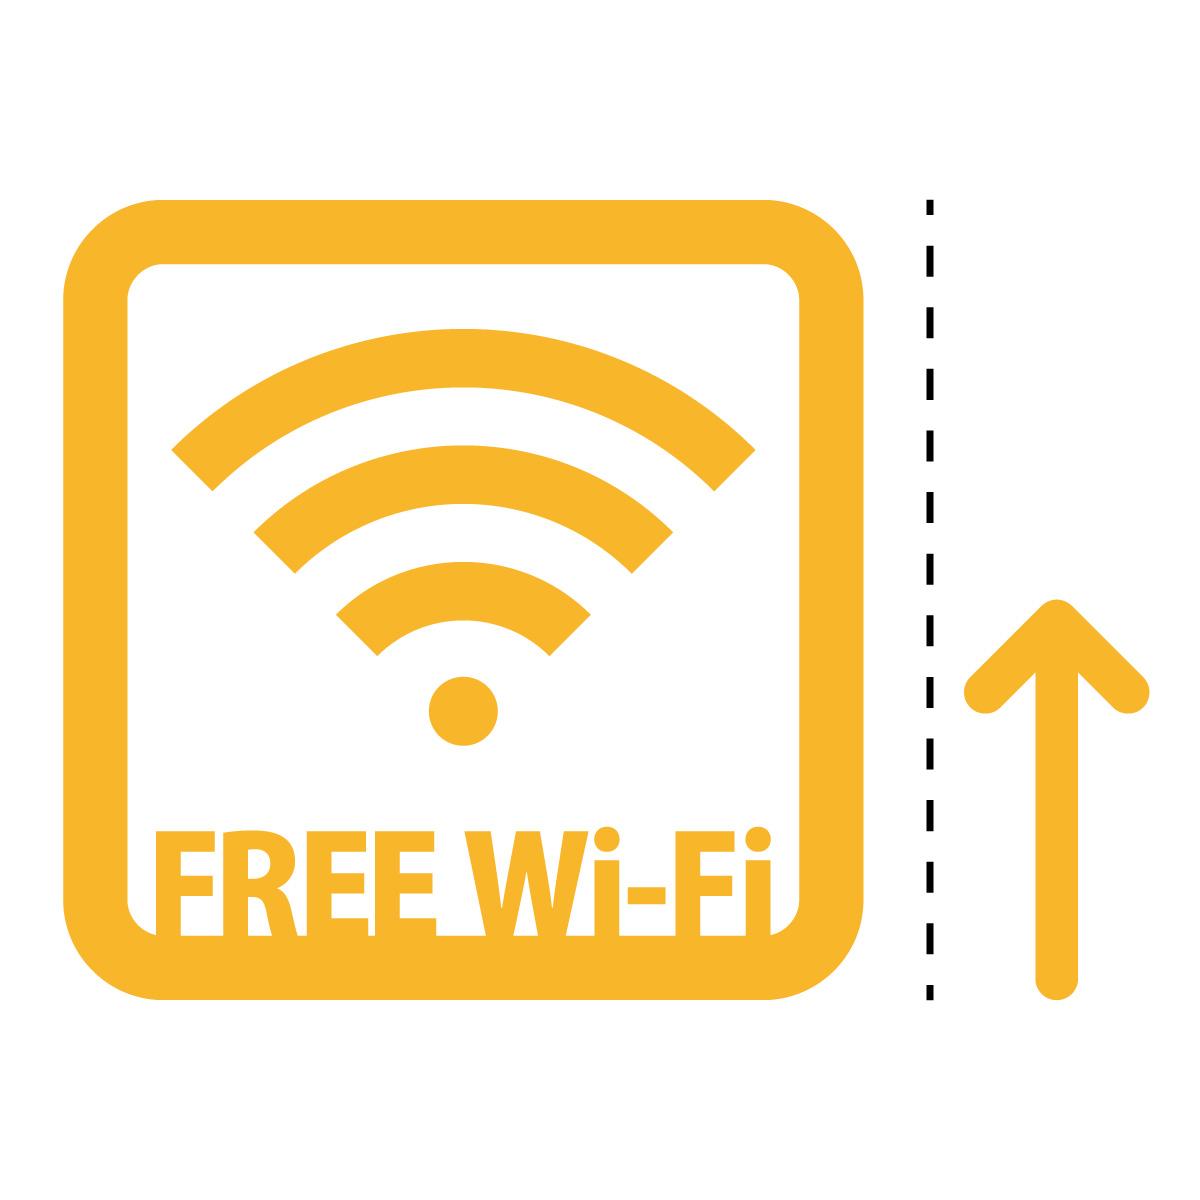 黄色のフリーワイファイ シール ステッカー FREE Wi-Fi 案内(矢印付き) マークのカッティングステッカー 光沢タイプ・防水・耐水・屋外耐候3~4年